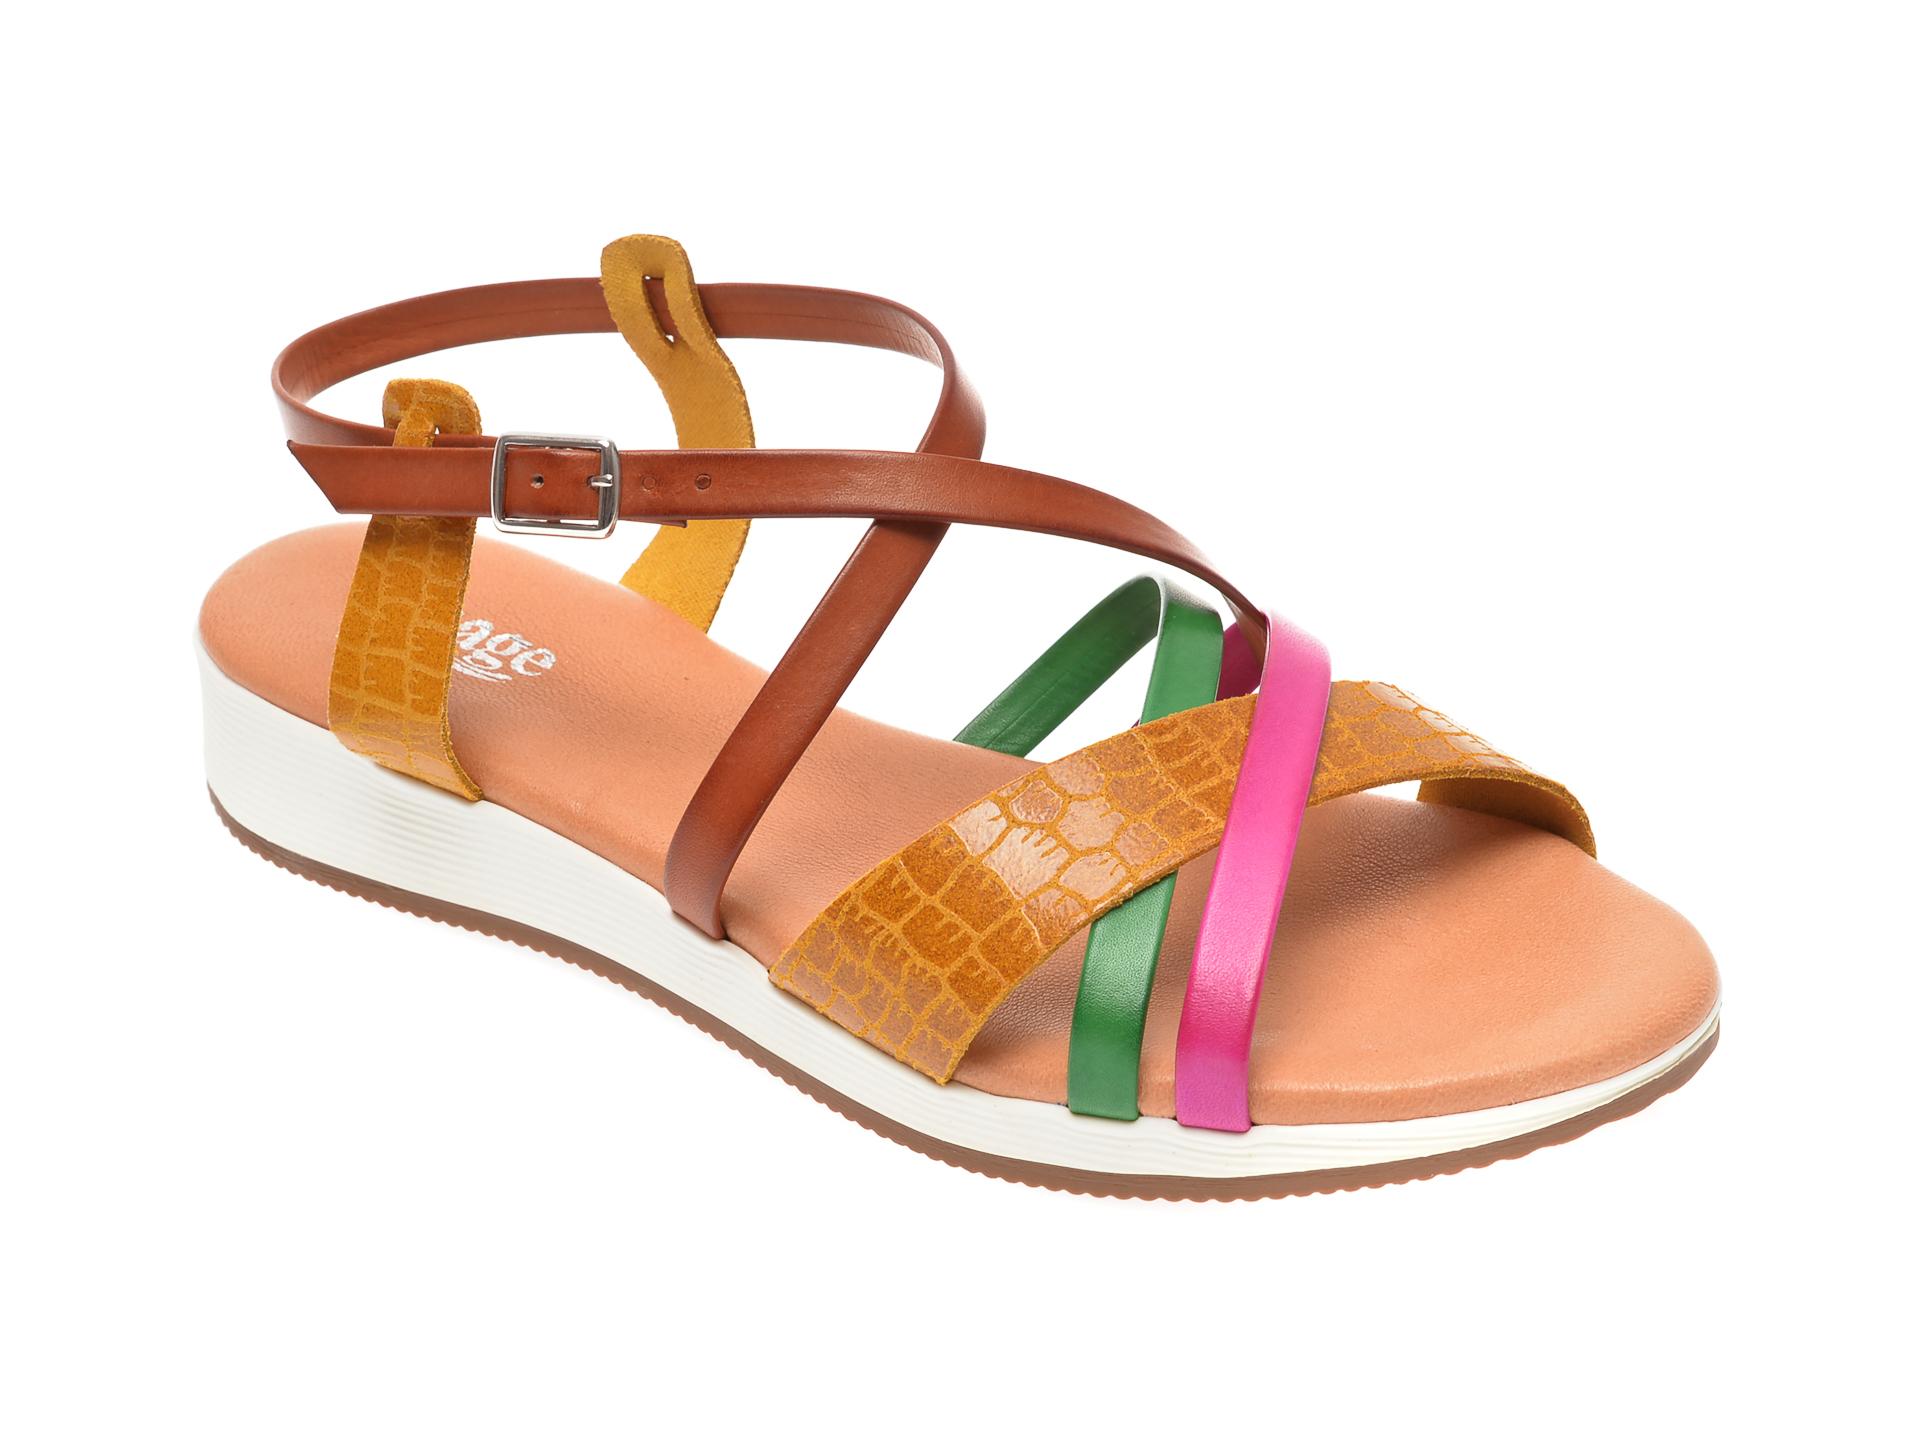 Sandale IMAGE multicolor, 1351C, din piele naturala